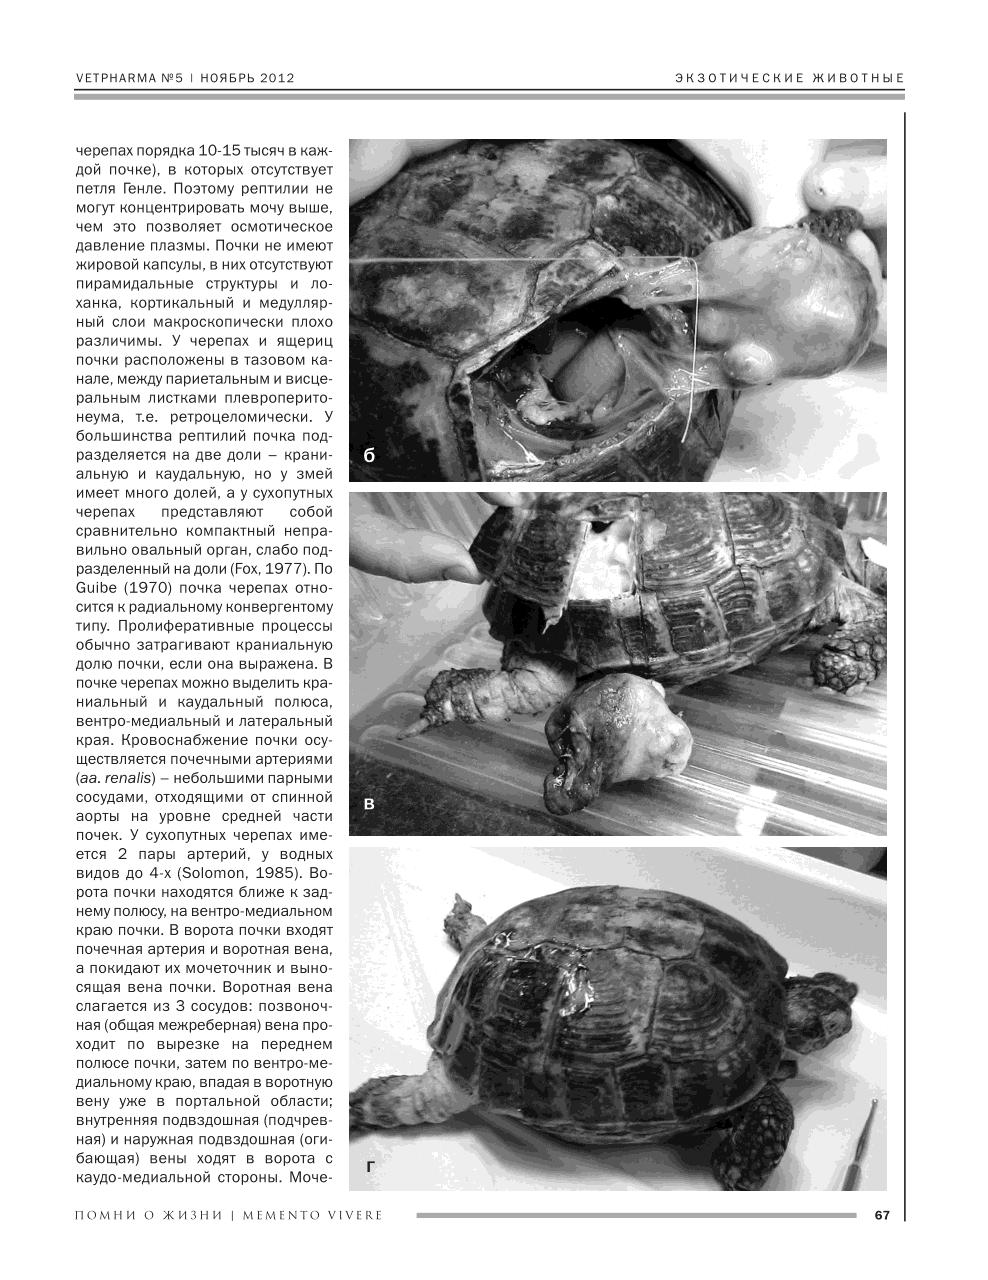 Ветеринария рептилий: исследования в московском зоопарке